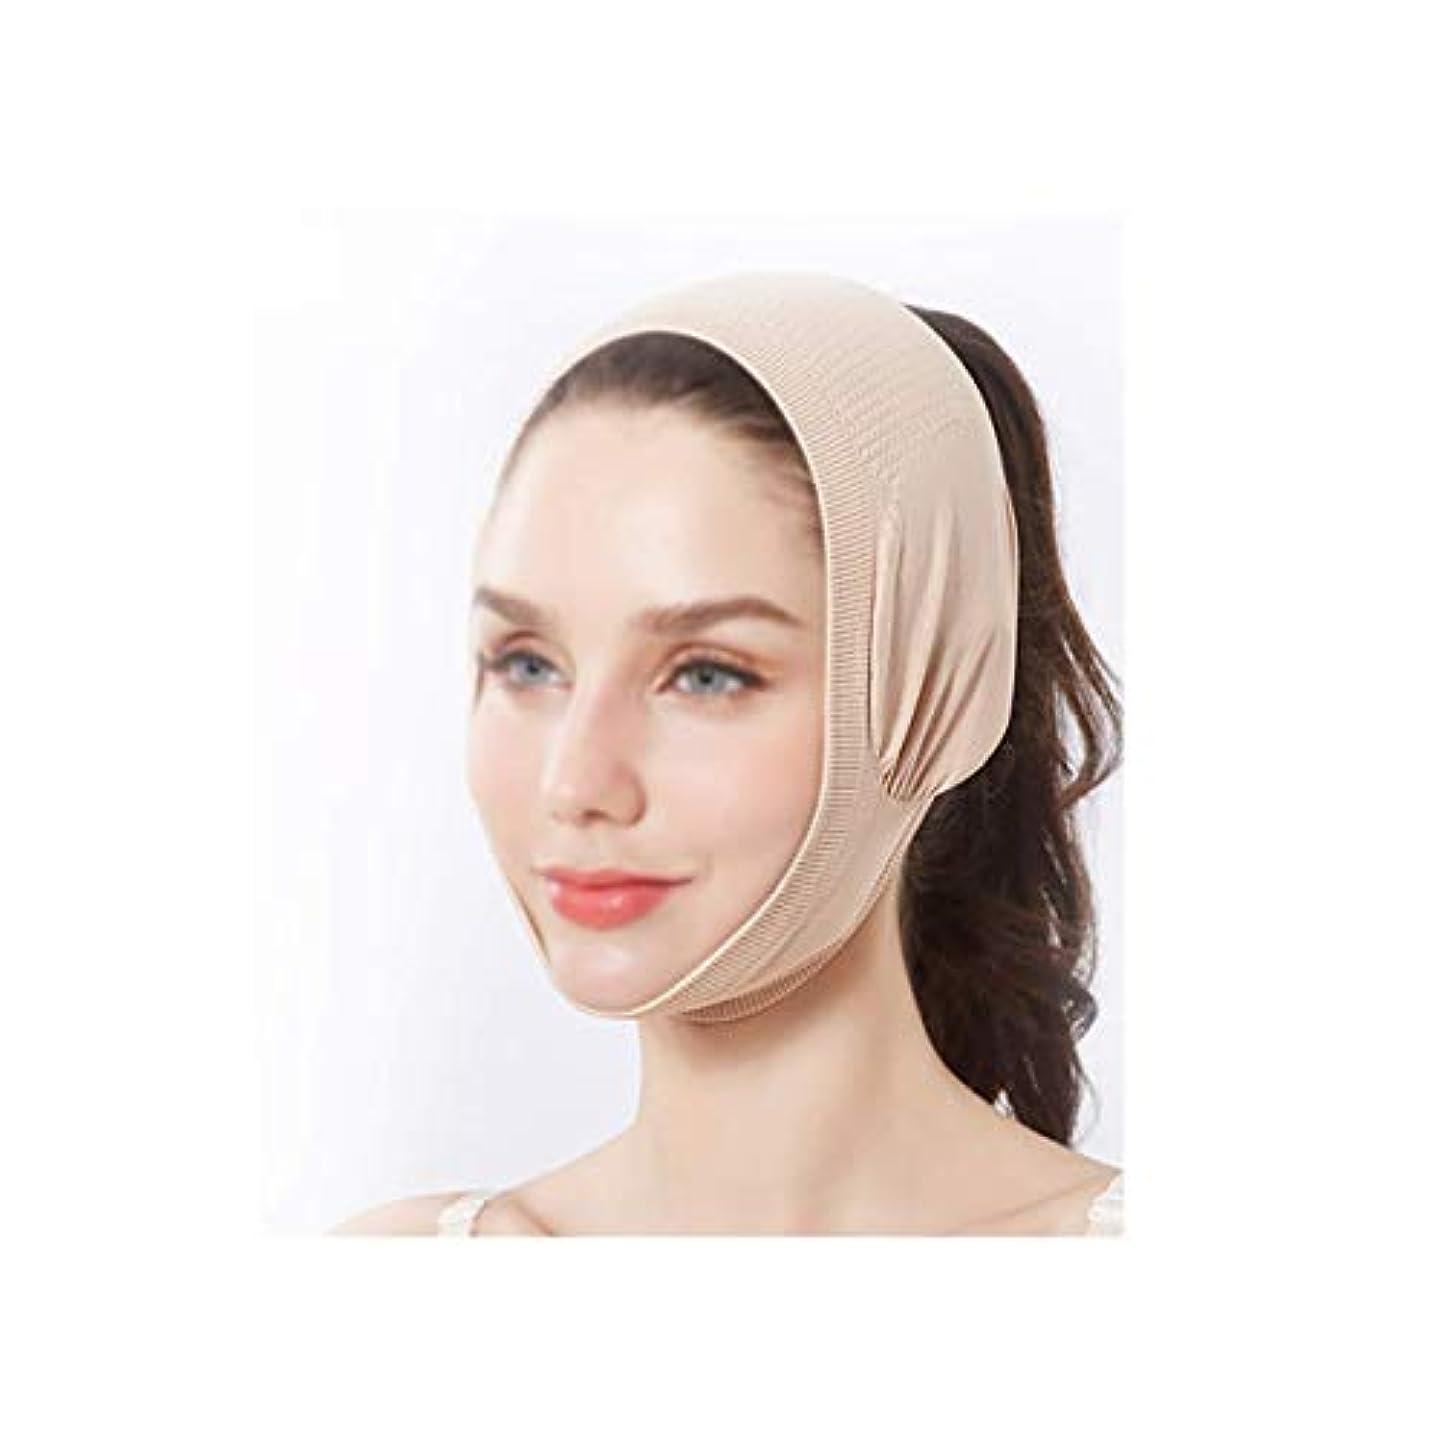 サーキットに行く曲半円フェイスリフトマスク、フェイシャルマスクエクステンション強度フェイスレス包帯バンディオンフェイスラージVラインカービングフェイスバックカバーネックストラップ(カラー:肌の色)